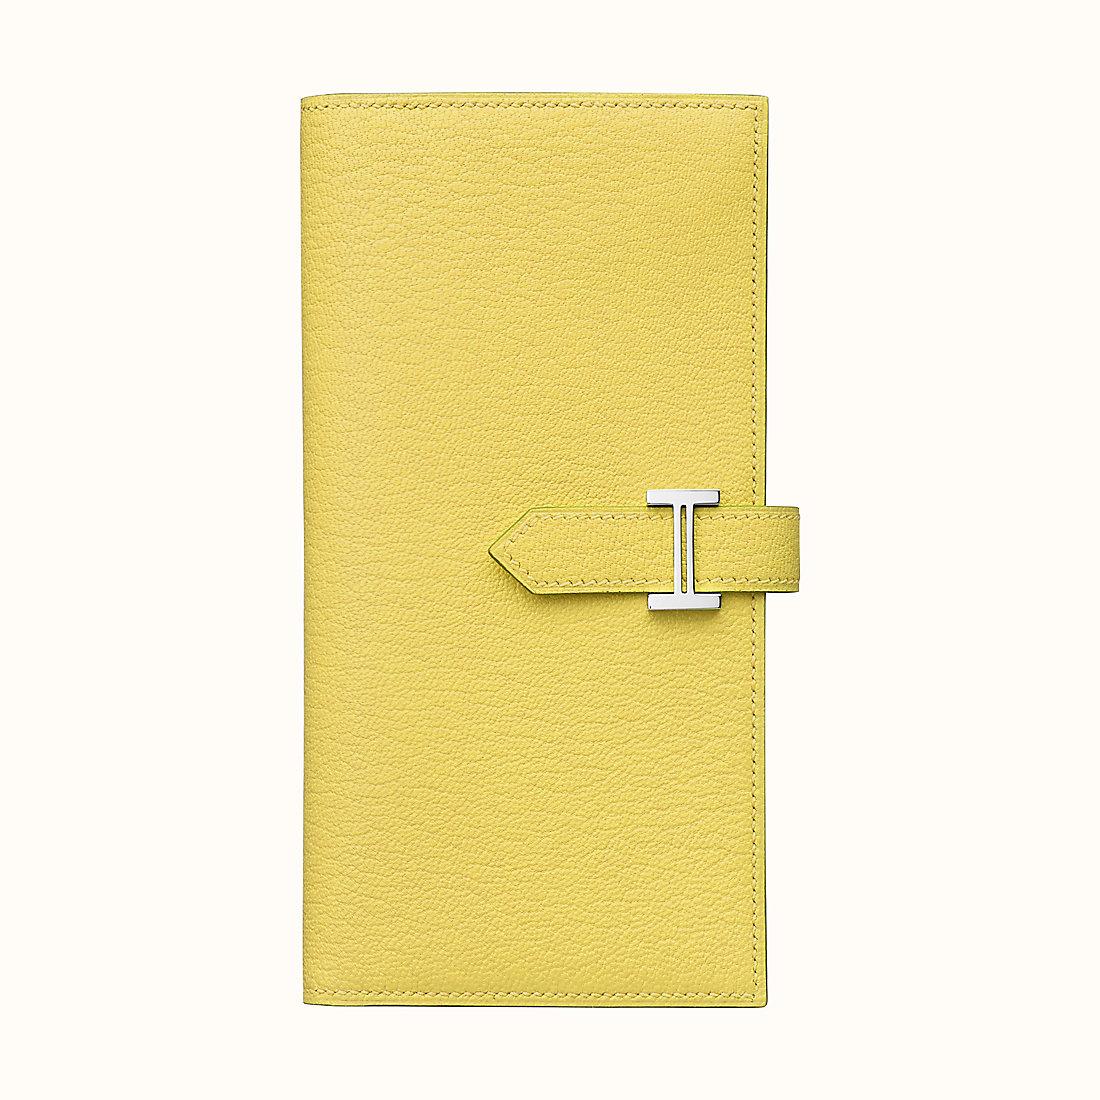 臺灣臺中市愛馬仕長款錢包 Hermes Bearn wallet CK9R Lime 檸檬黃山羊皮